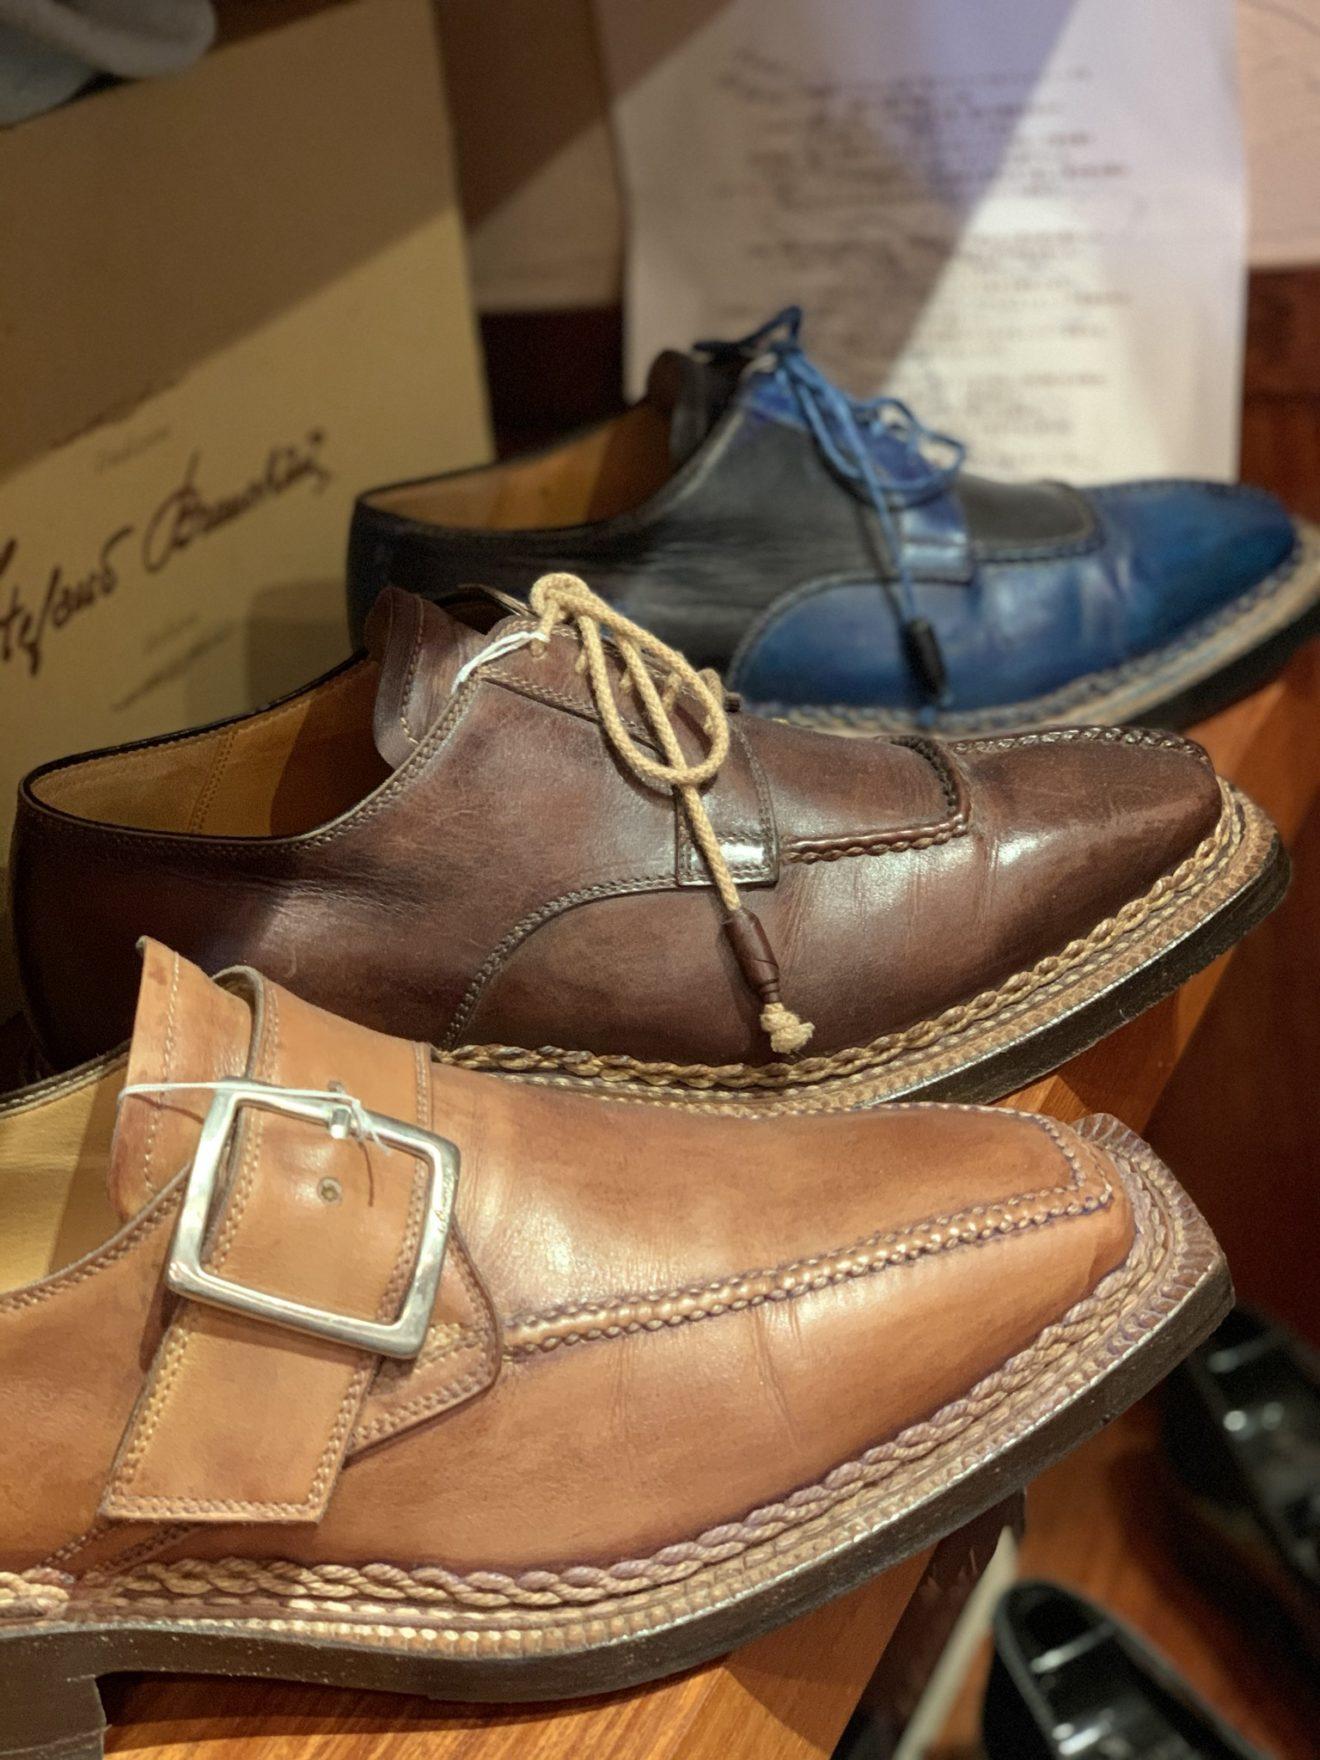 正統な紳士靴を嗜むvol.43〜孤高のイタリア靴ブランキーニ